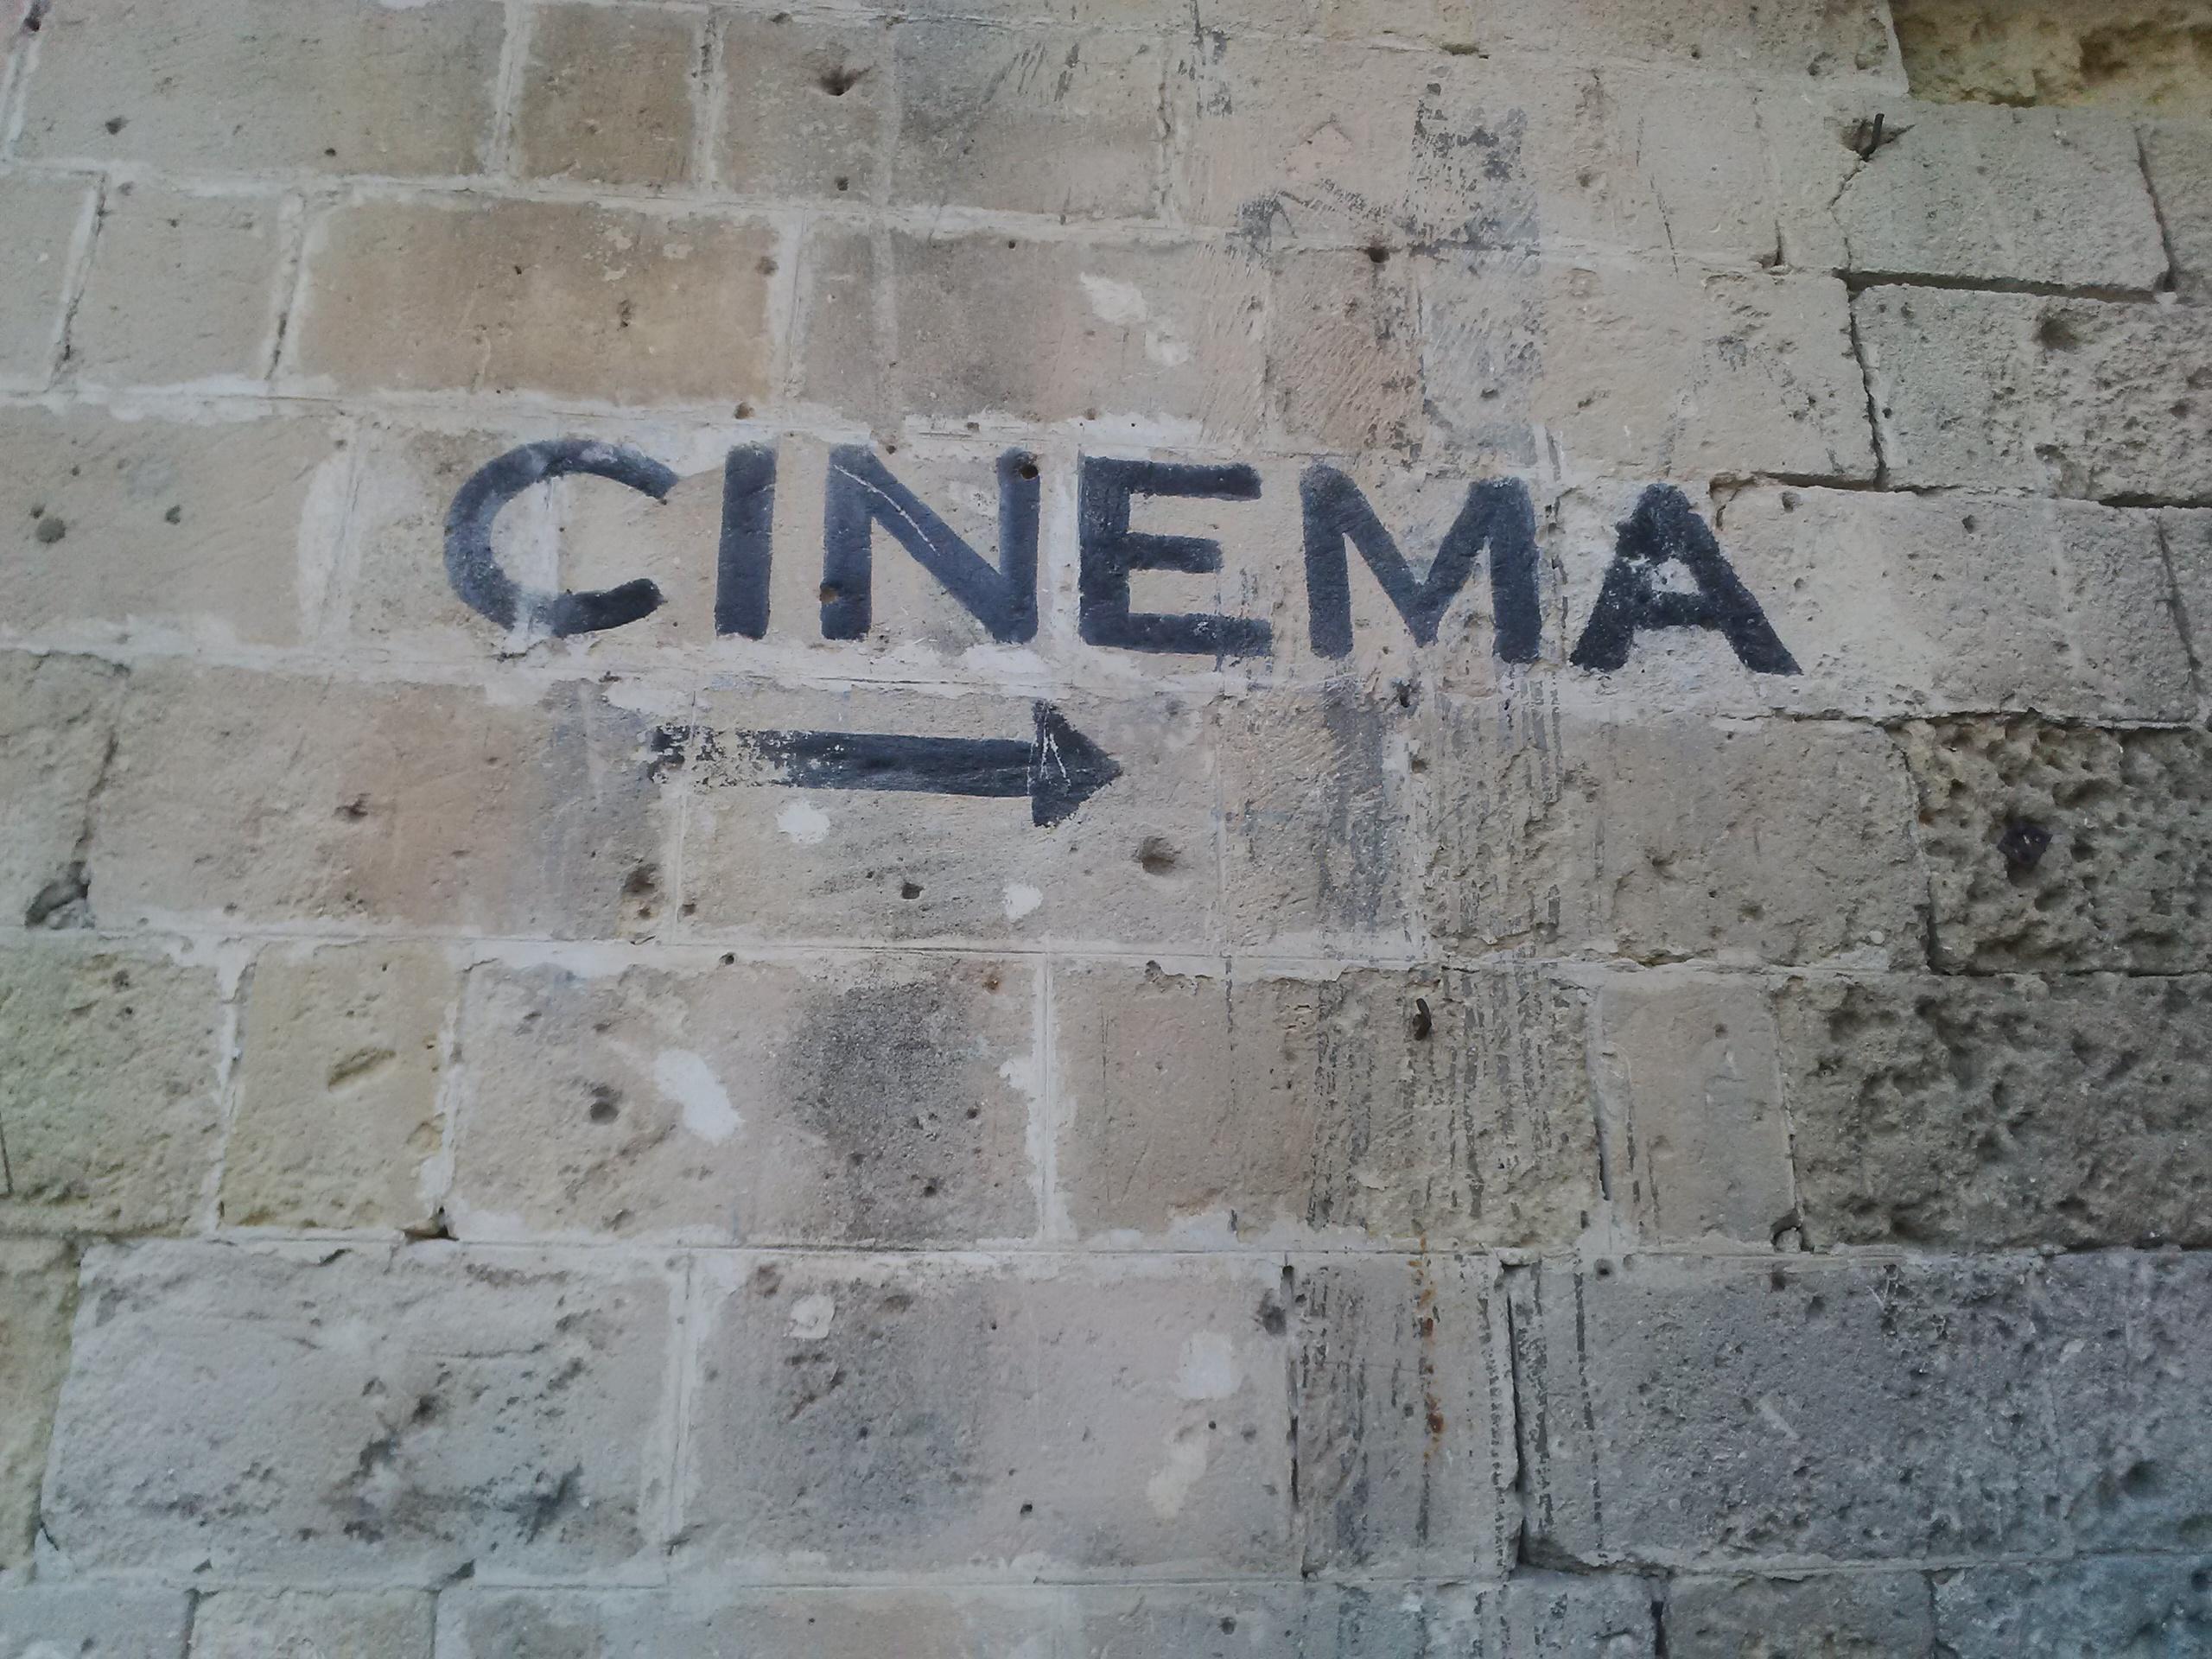 Legge Cinema, la proposta delle associazioni a sostegno dei criteri artistici nel rispetto dell'eccezione culturale